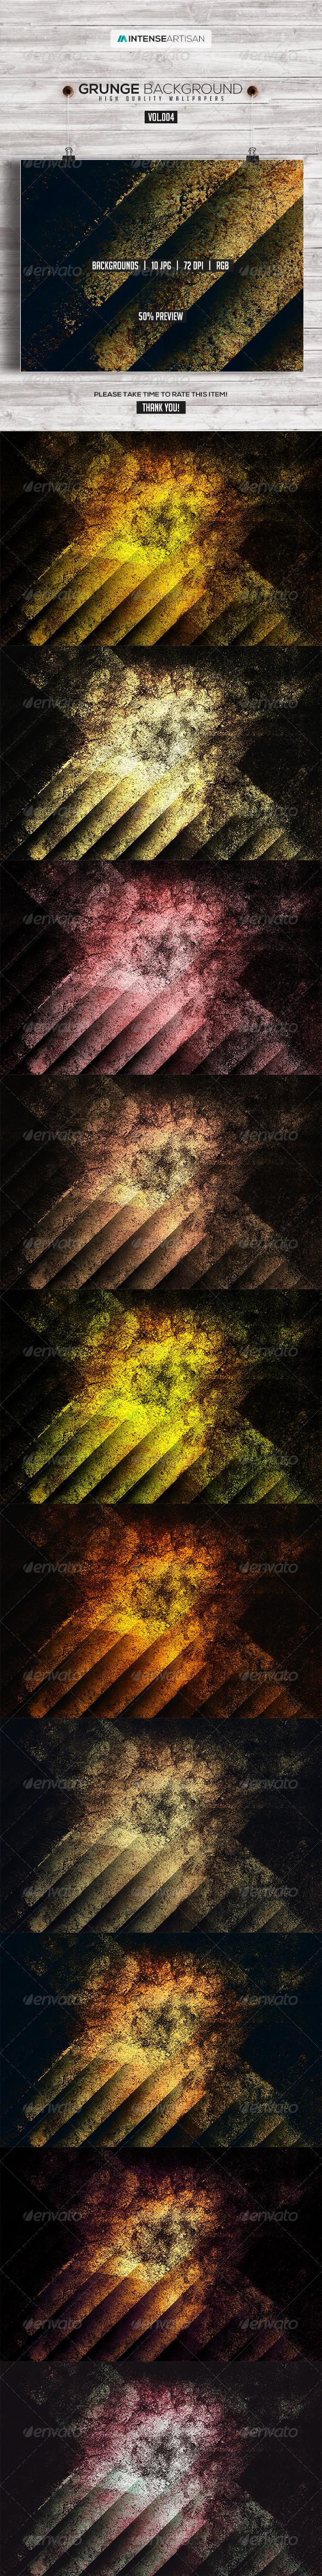 GraphicRiver 10 Grunge Background Vol.4 8274948